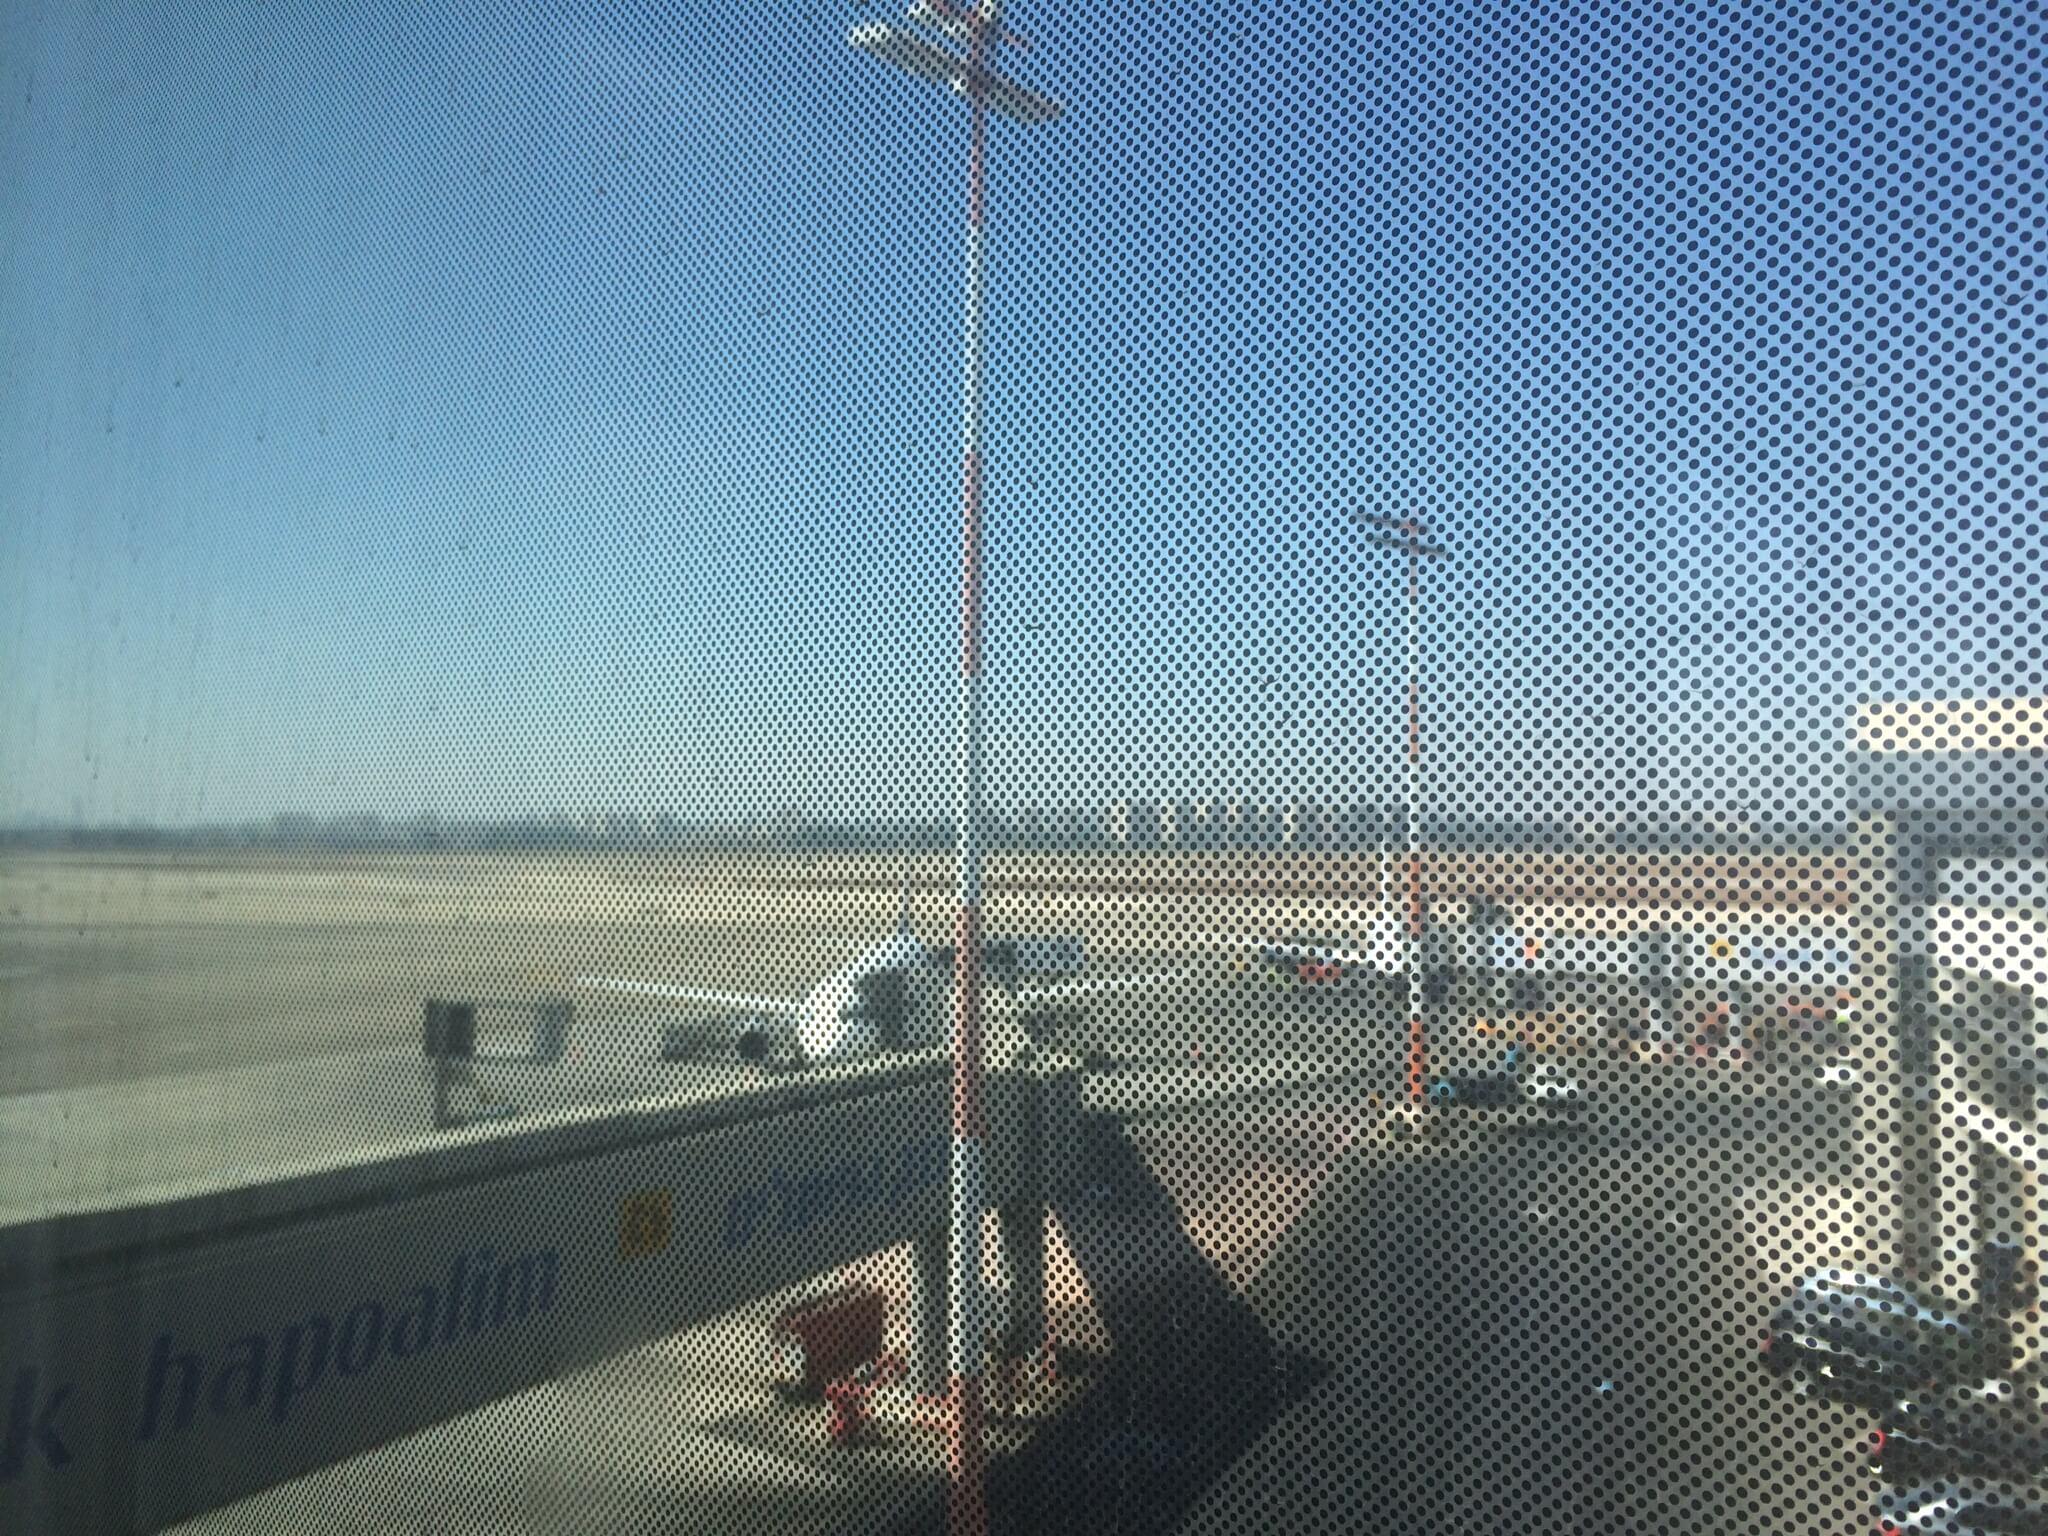 Ben Gurion Airport, Tel Aviv-Yafo